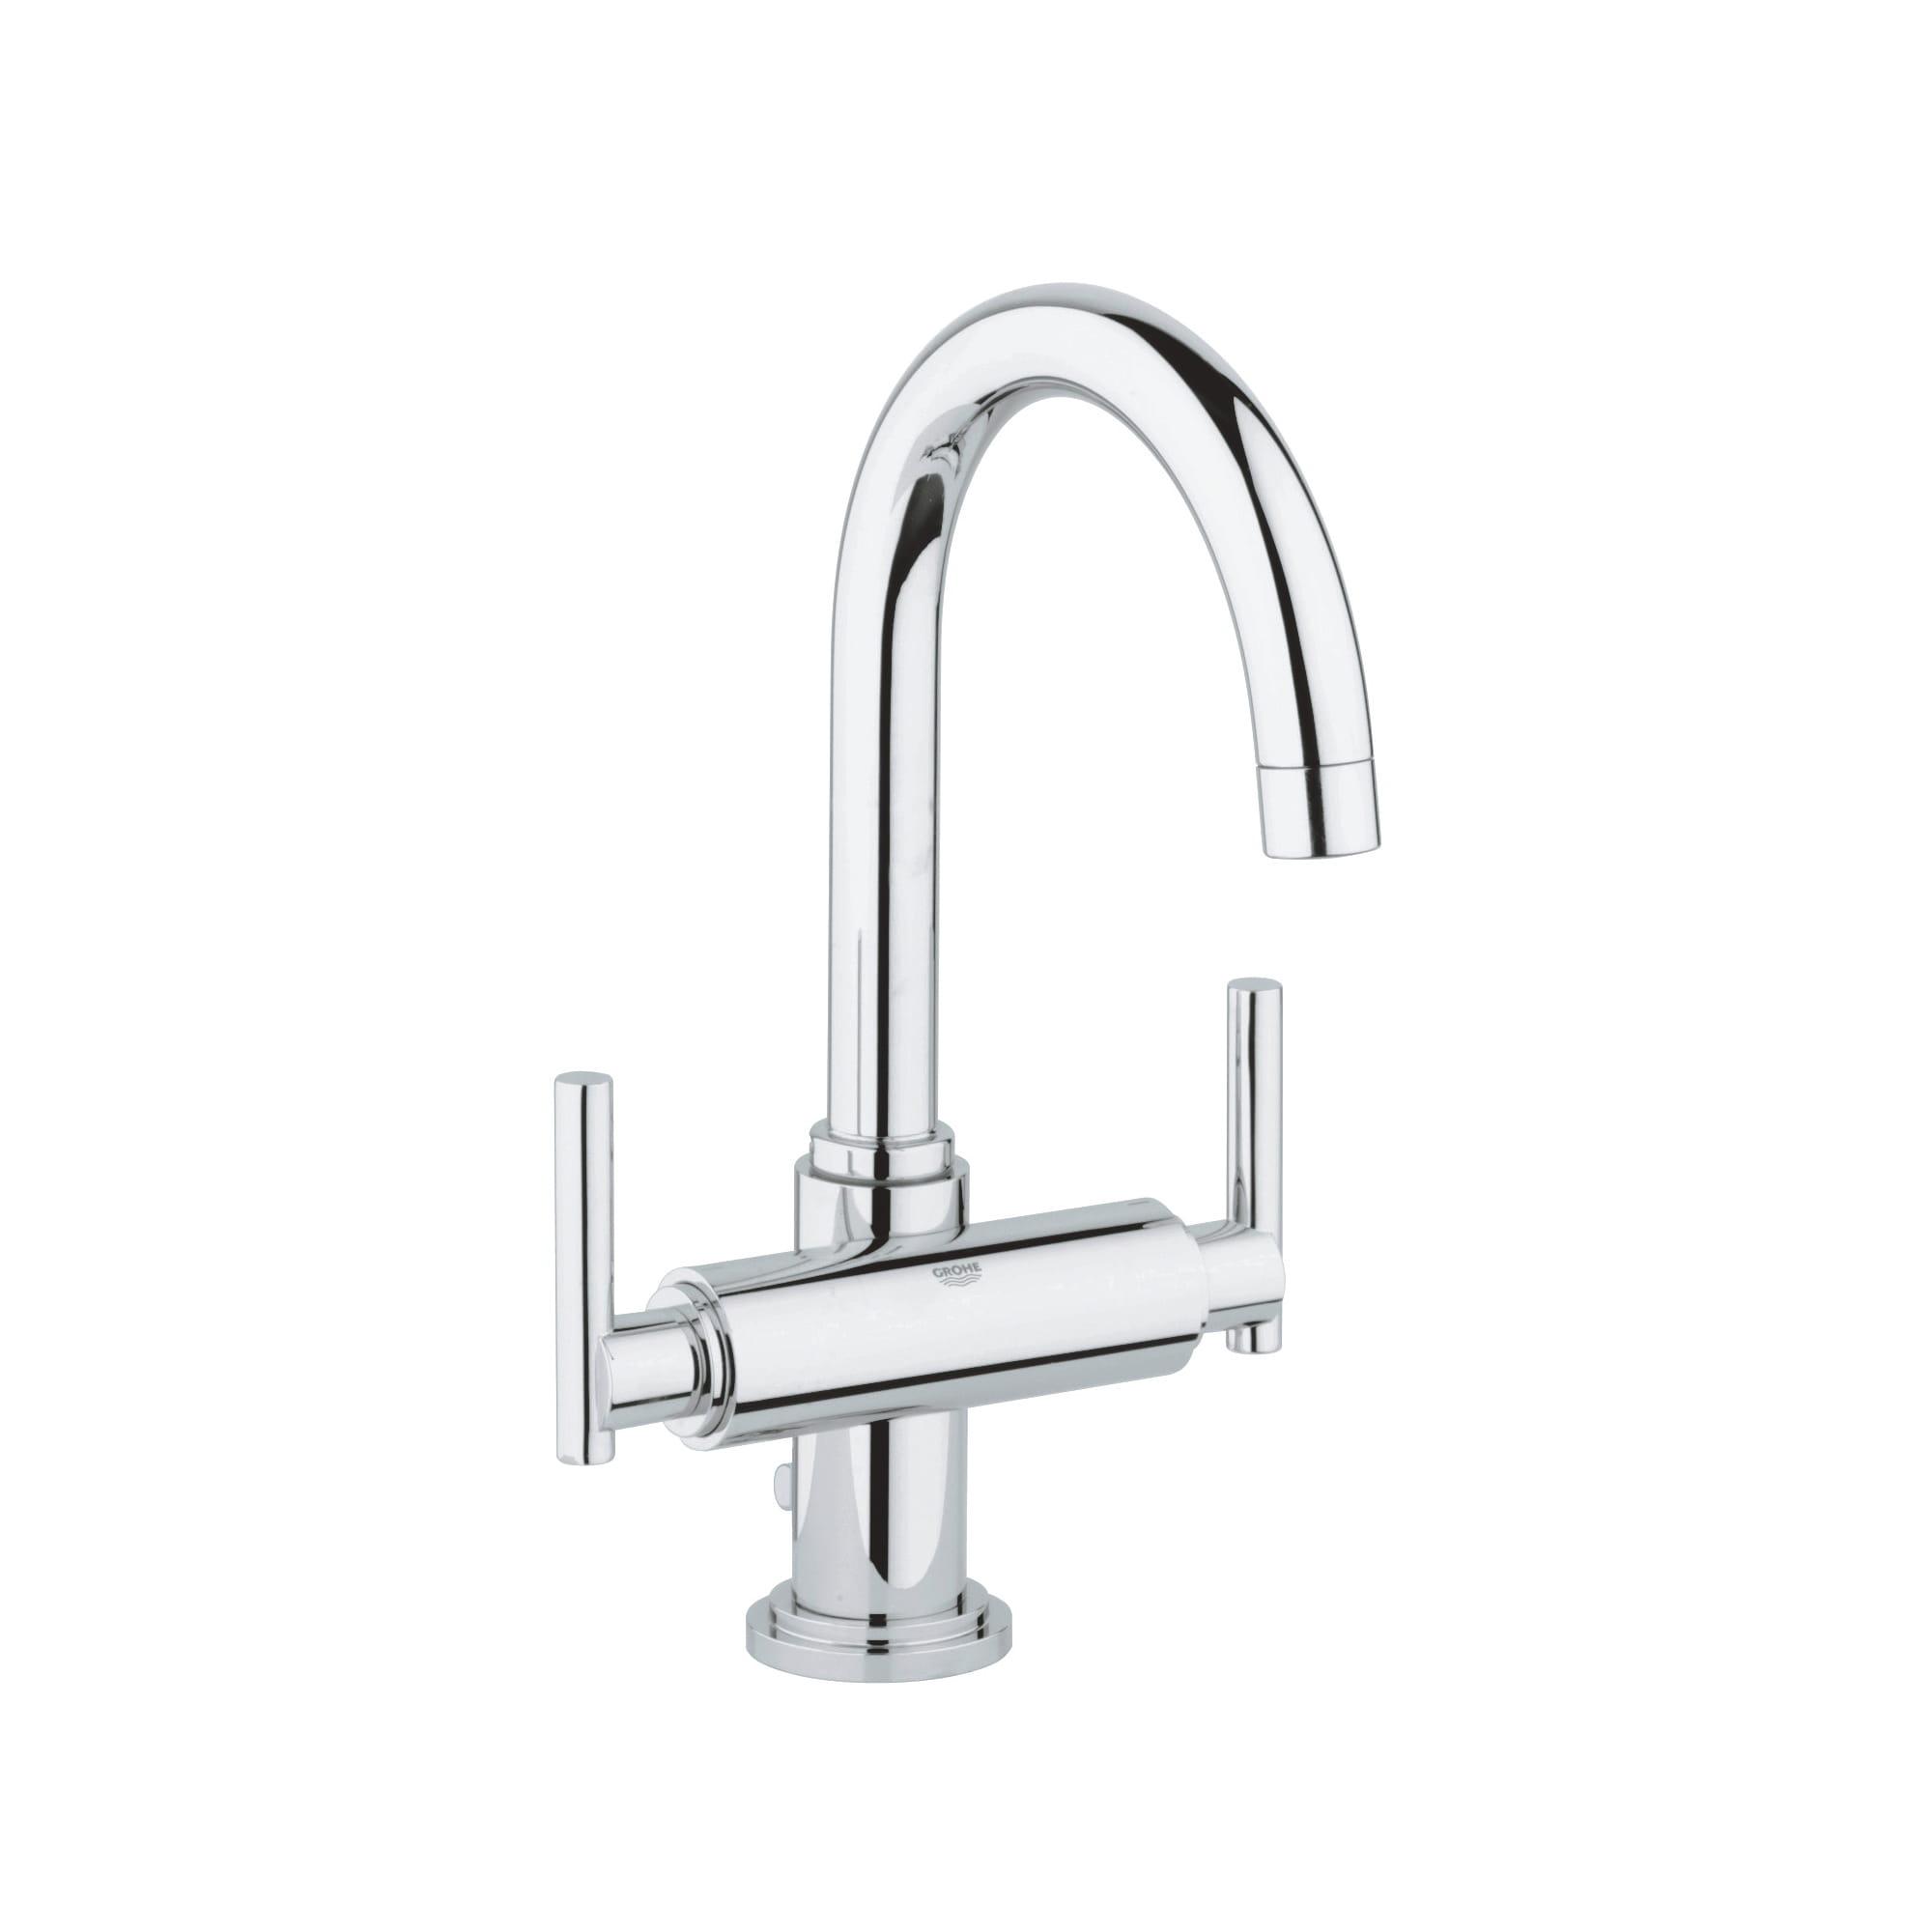 single hole 2 handle l size bathroom faucet 4 5 l min 1 2 gpm